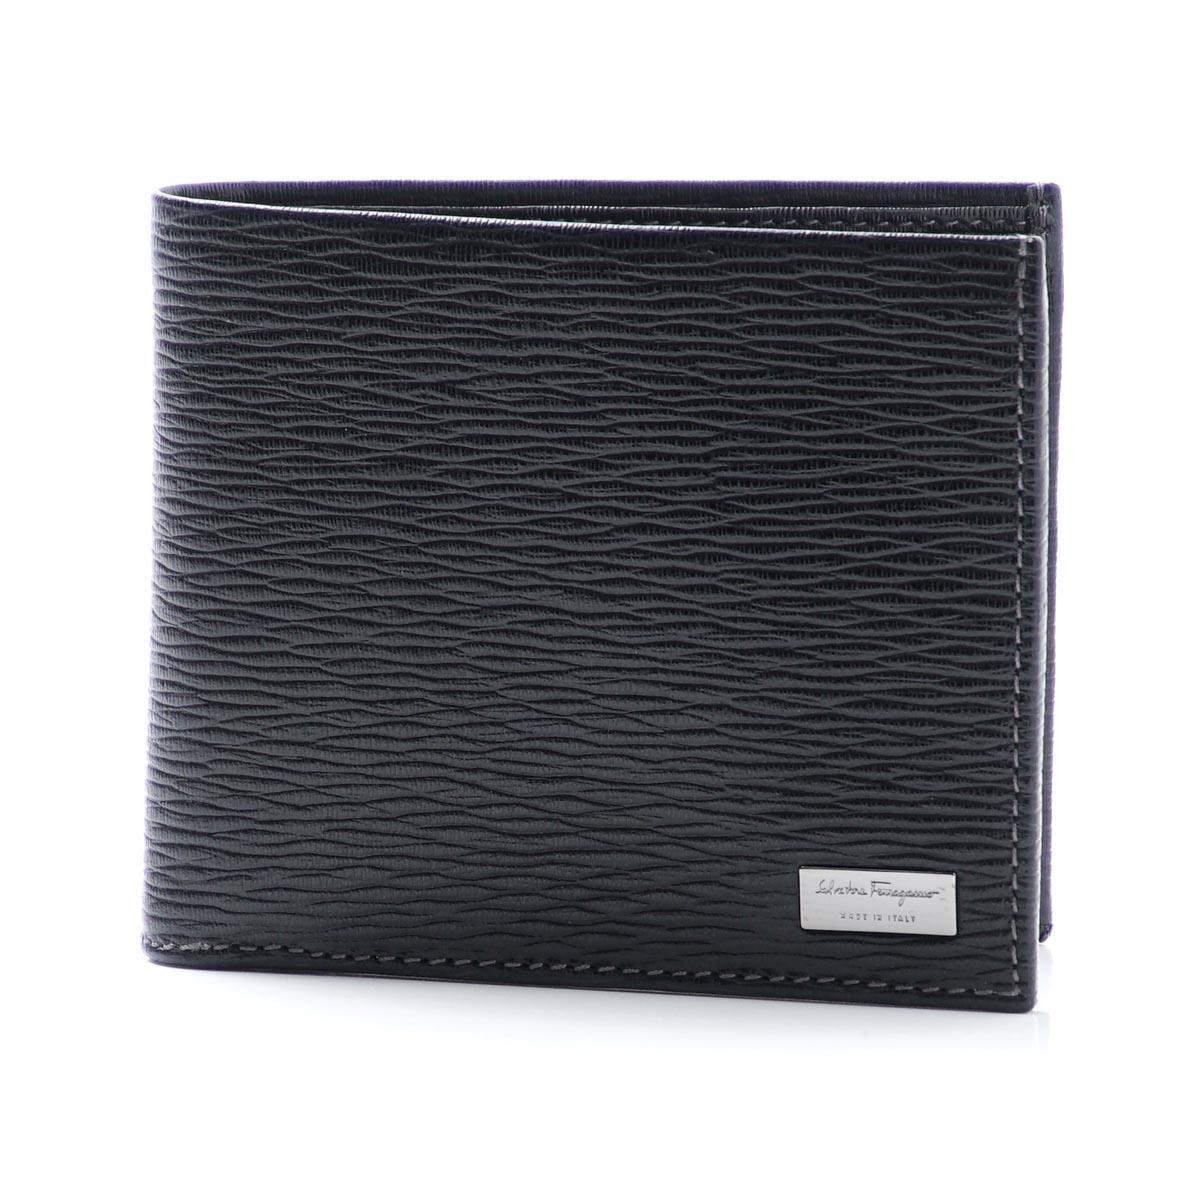 Salvatore Ferragamo Salvatore Ferragamo folio wallet black men black wallet gift pre-Saint accessory 667068 0351322 PEBBLE CALF ぺ Bullcalf